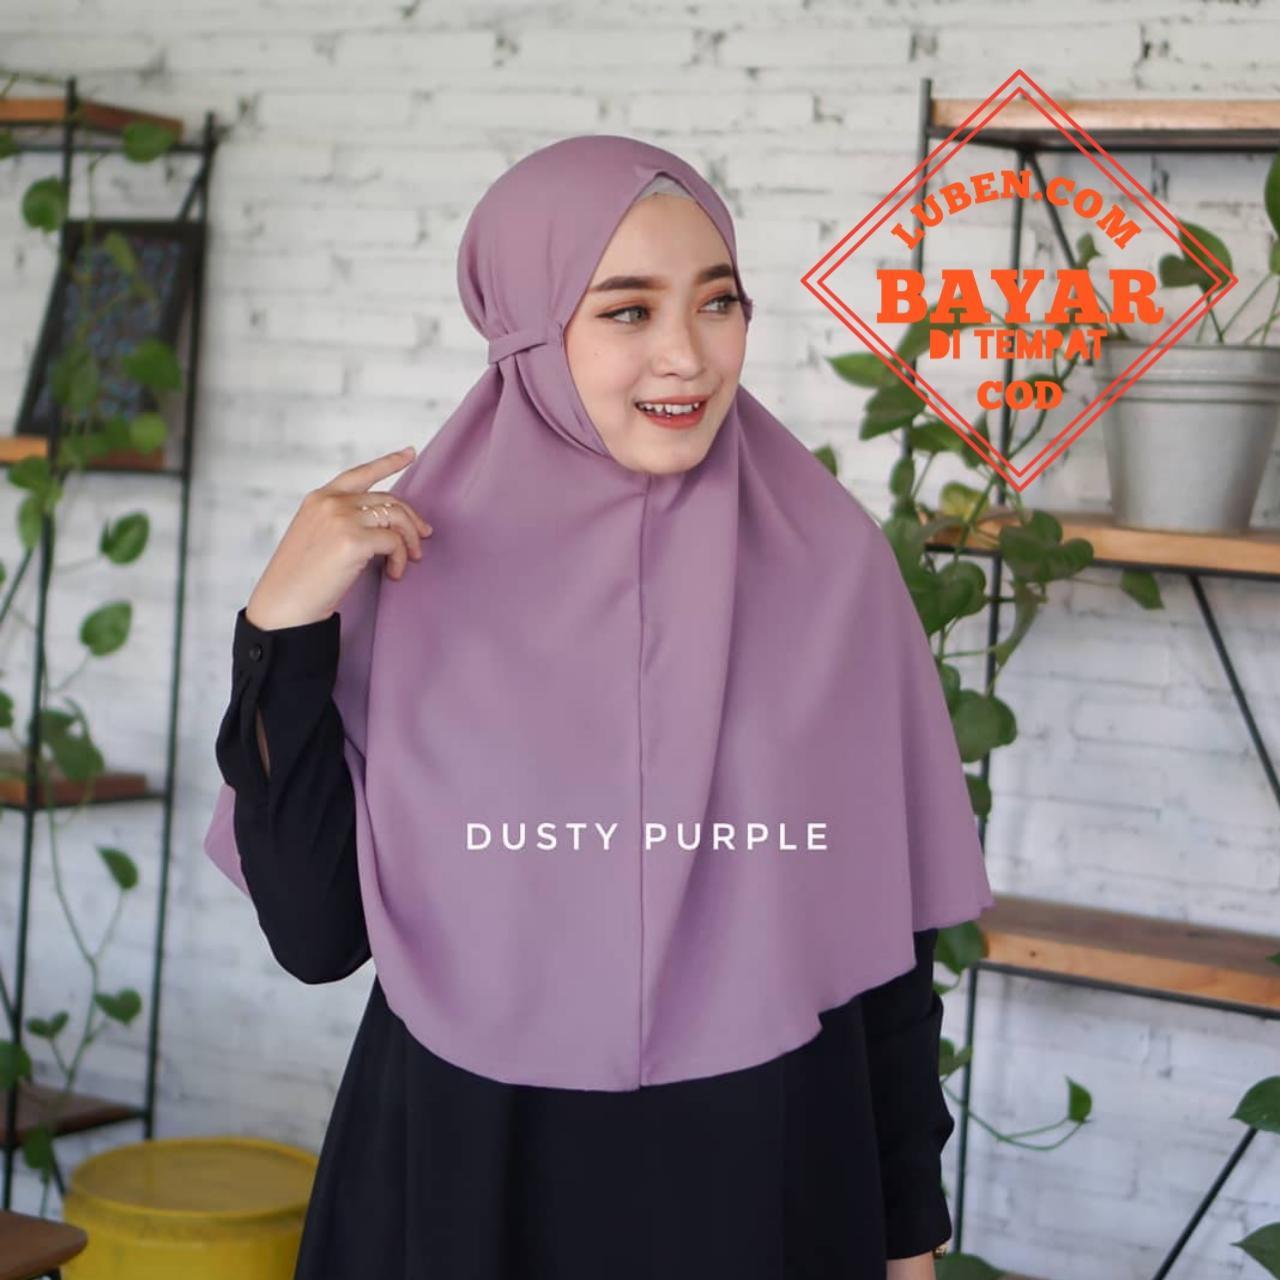 Hijab Bergo Maryam Tali Instan Bahan Diamond Italiano Kerudung Tali Silakan Di Order Barang Ready Warna Lengkap Lazada Indonesia